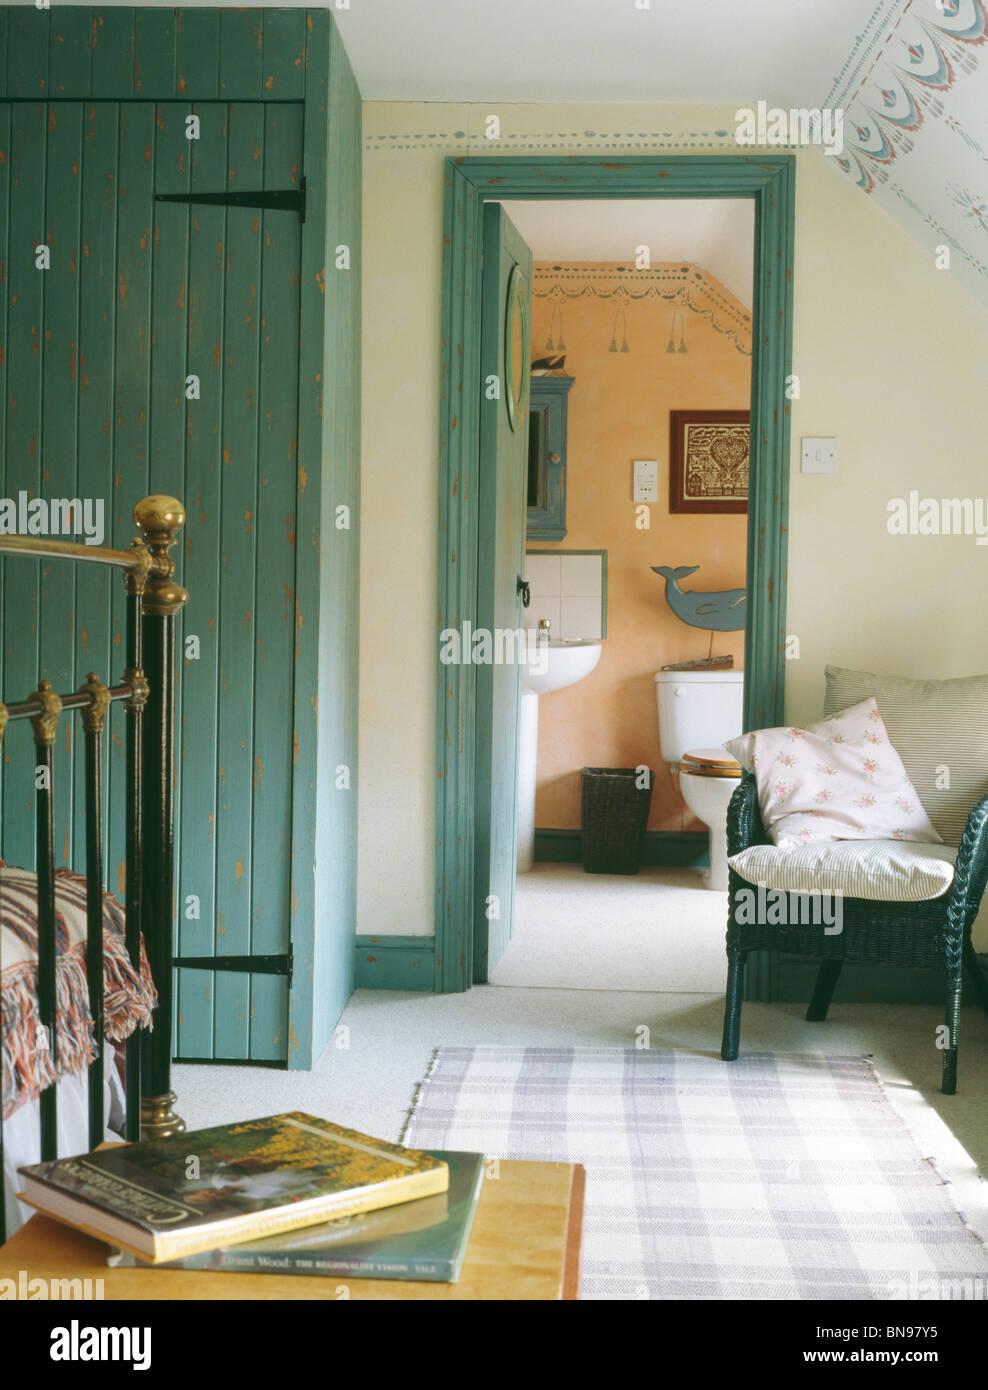 Türkis ausgestattet Schrank und Tür Rahmen in traditionellen ...